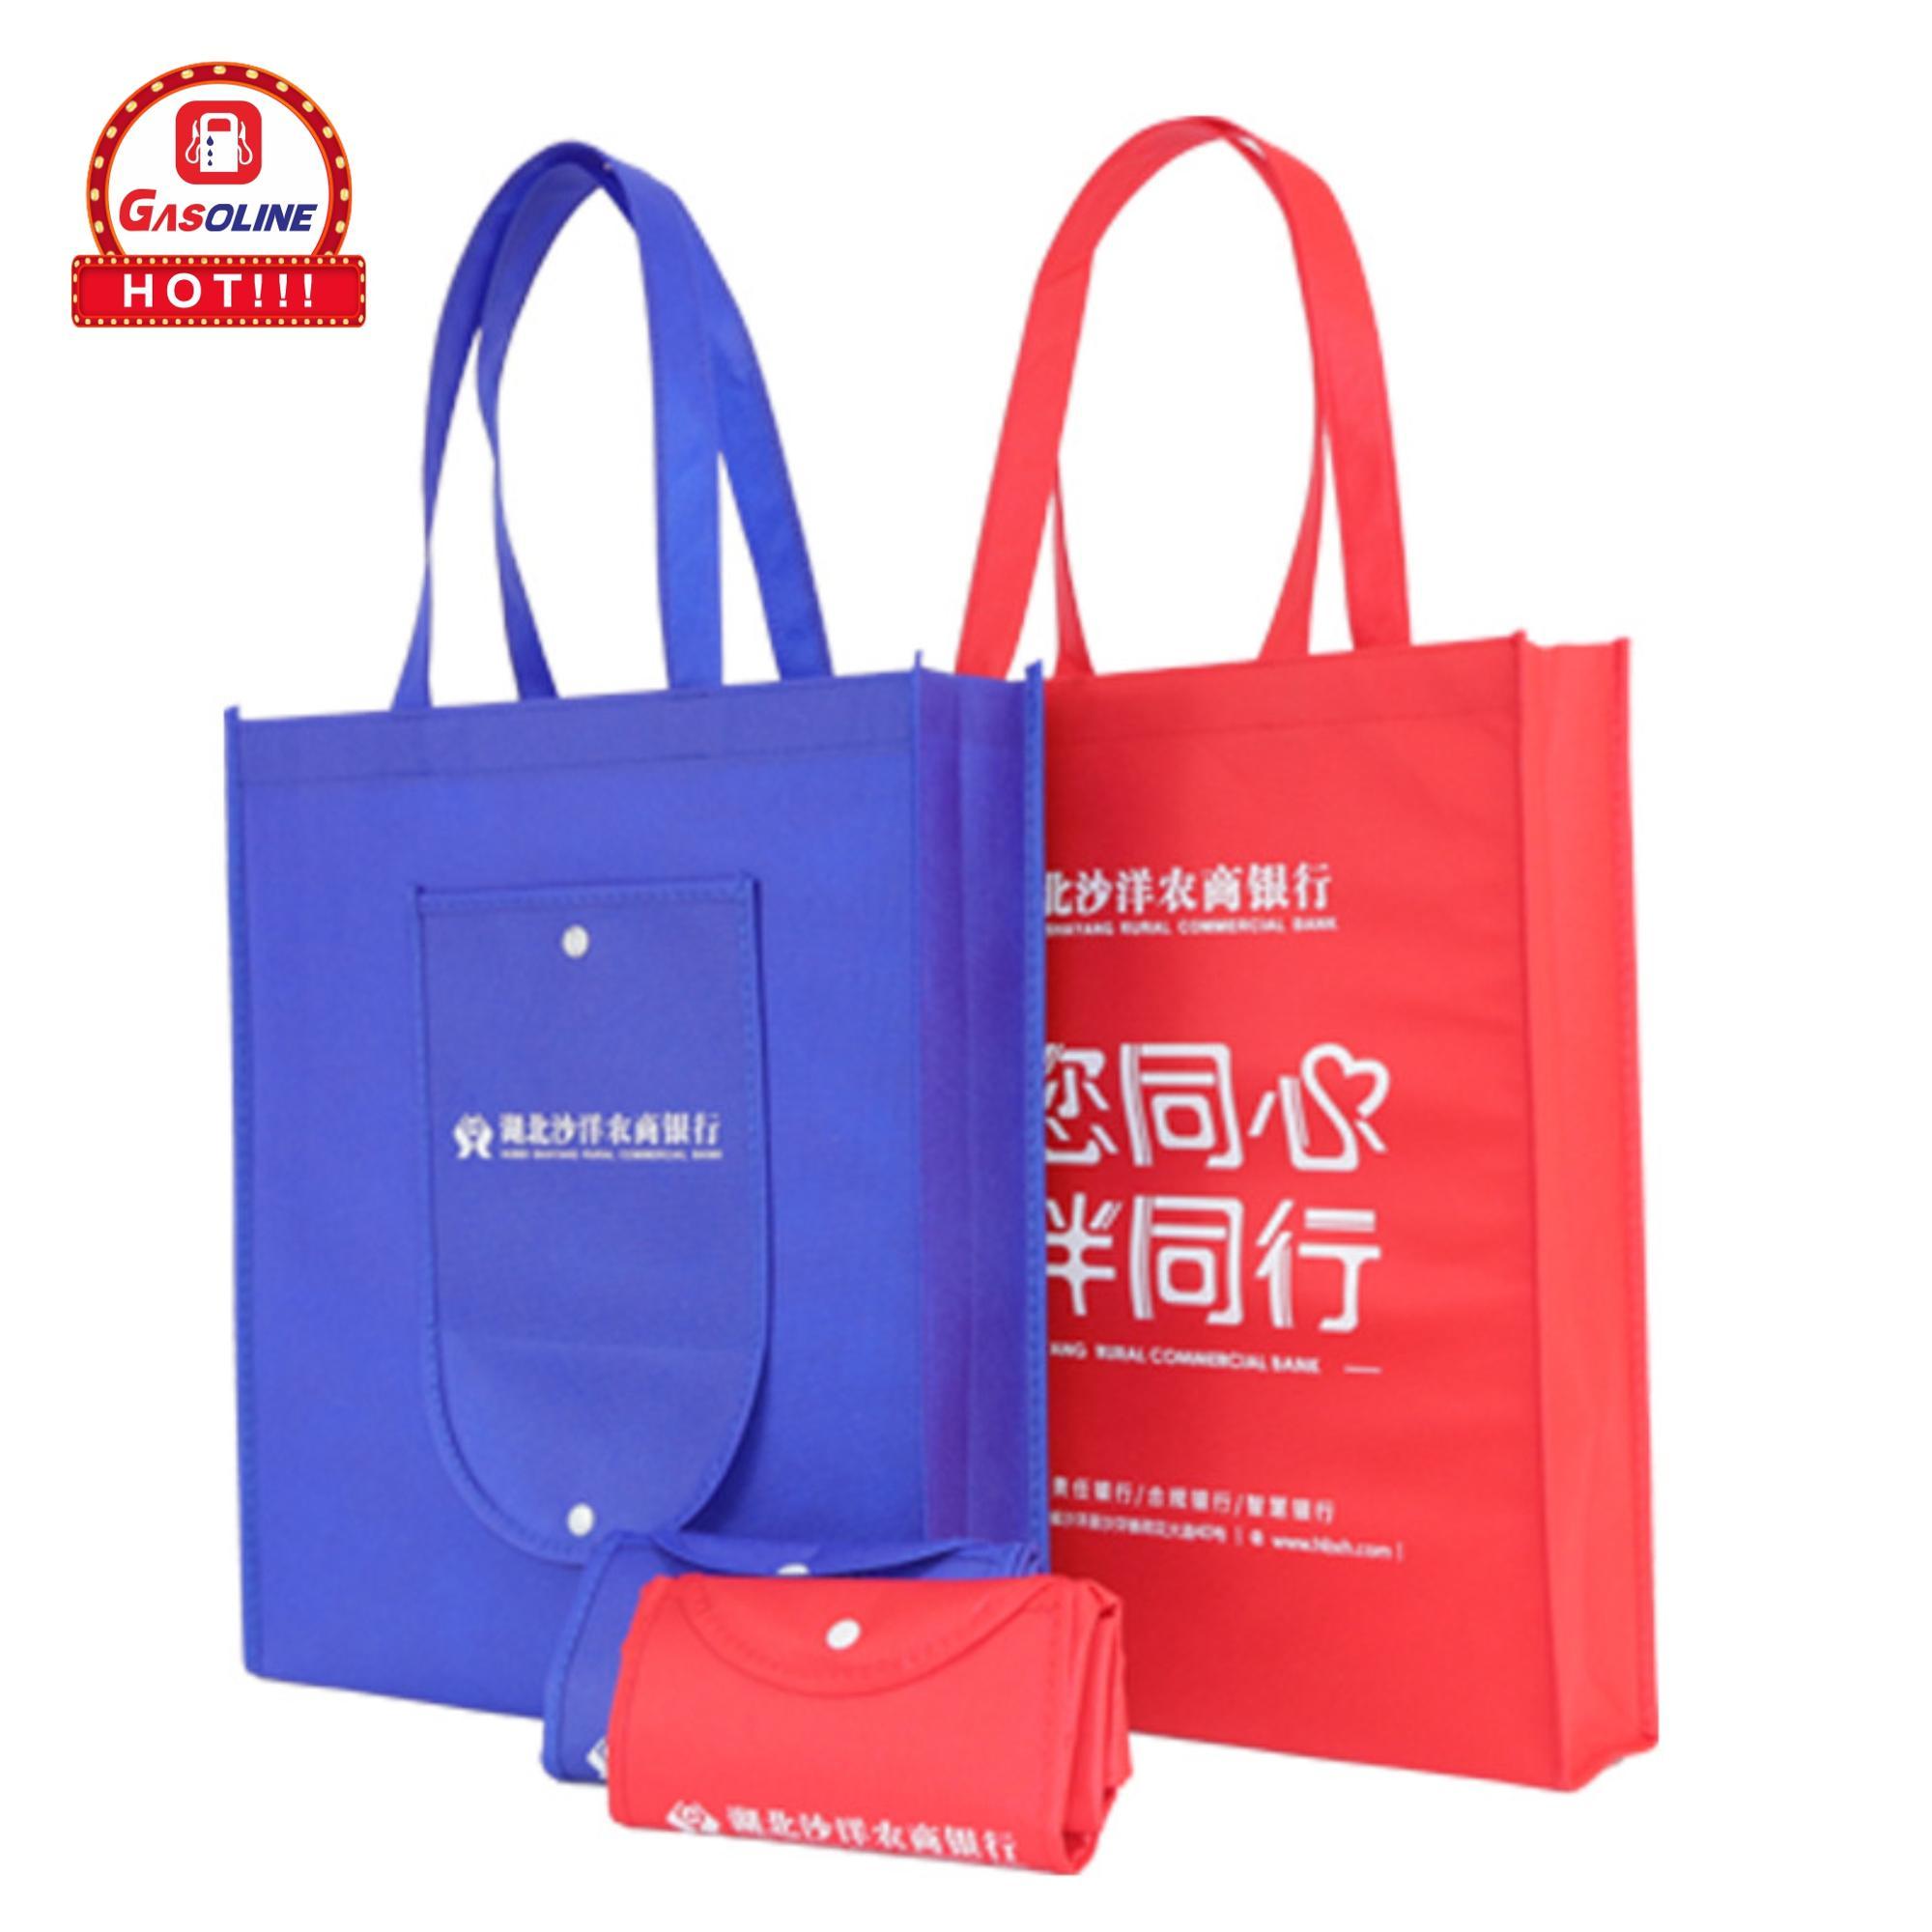 Легко носить с собой популярный модный дизайн Пользовательский логотип напечатанный дешевый переработанный складной в мешок нетканый мешок